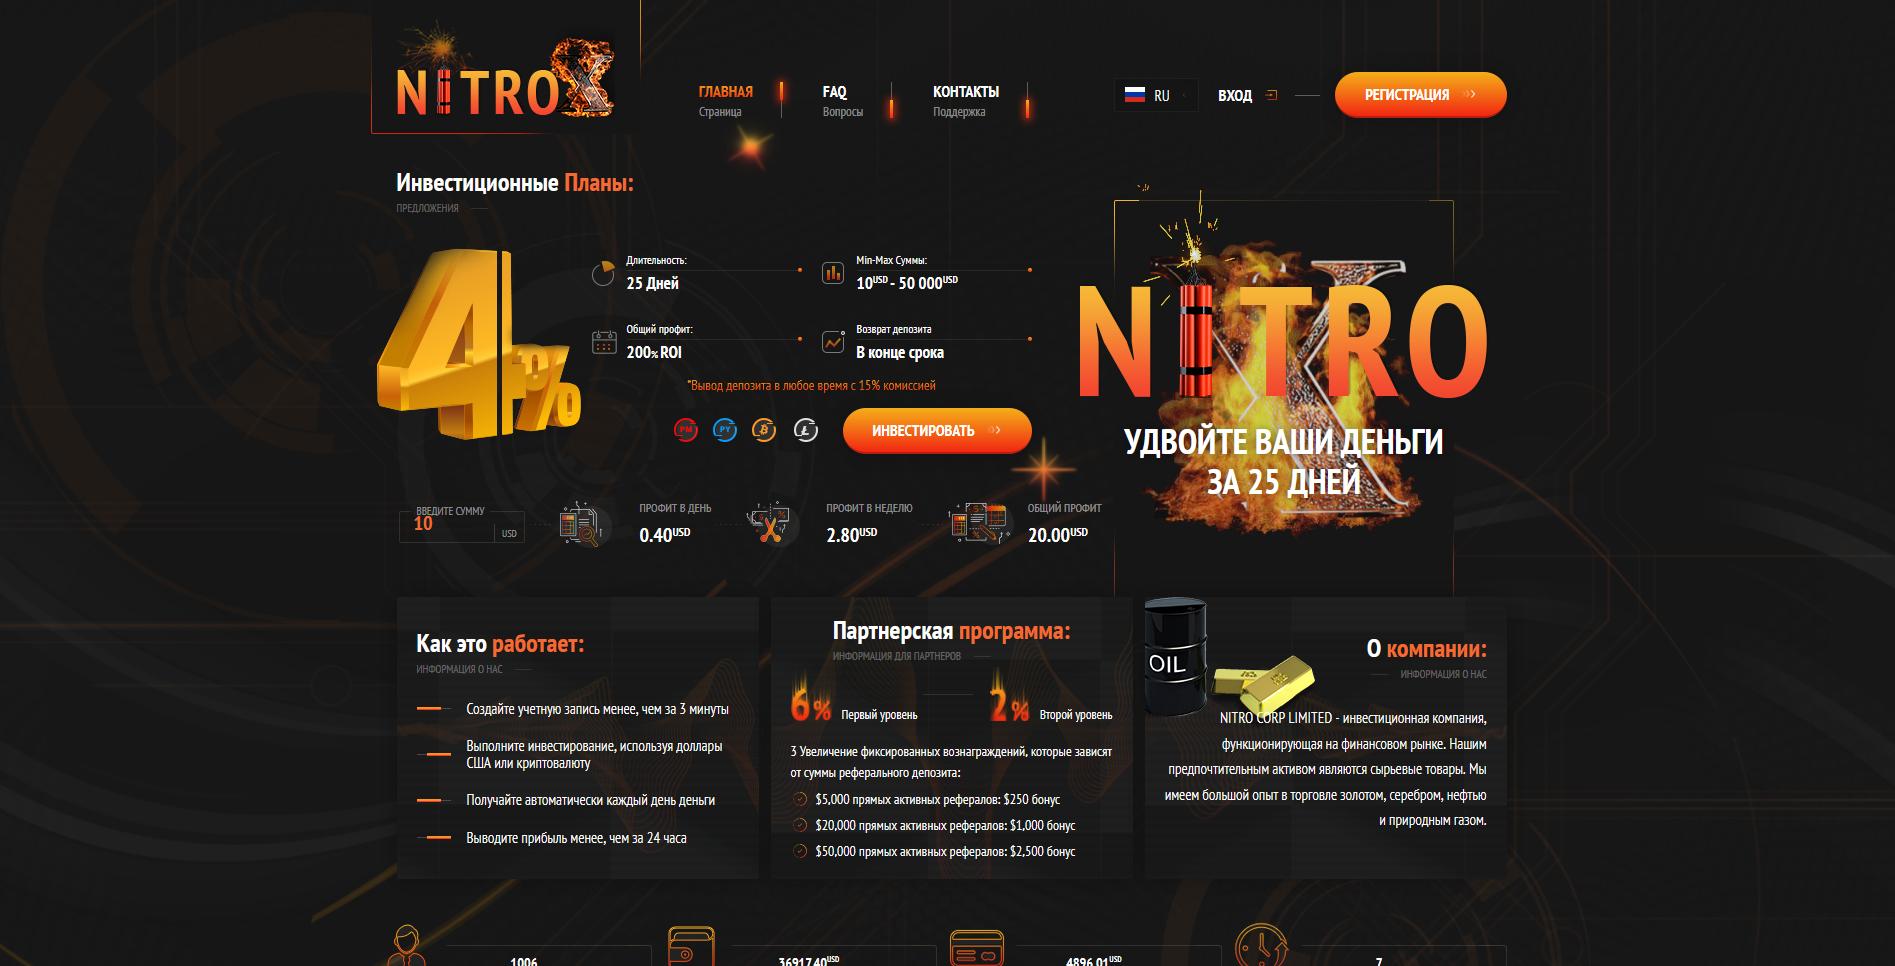 Nitro-X - nitro-x.io